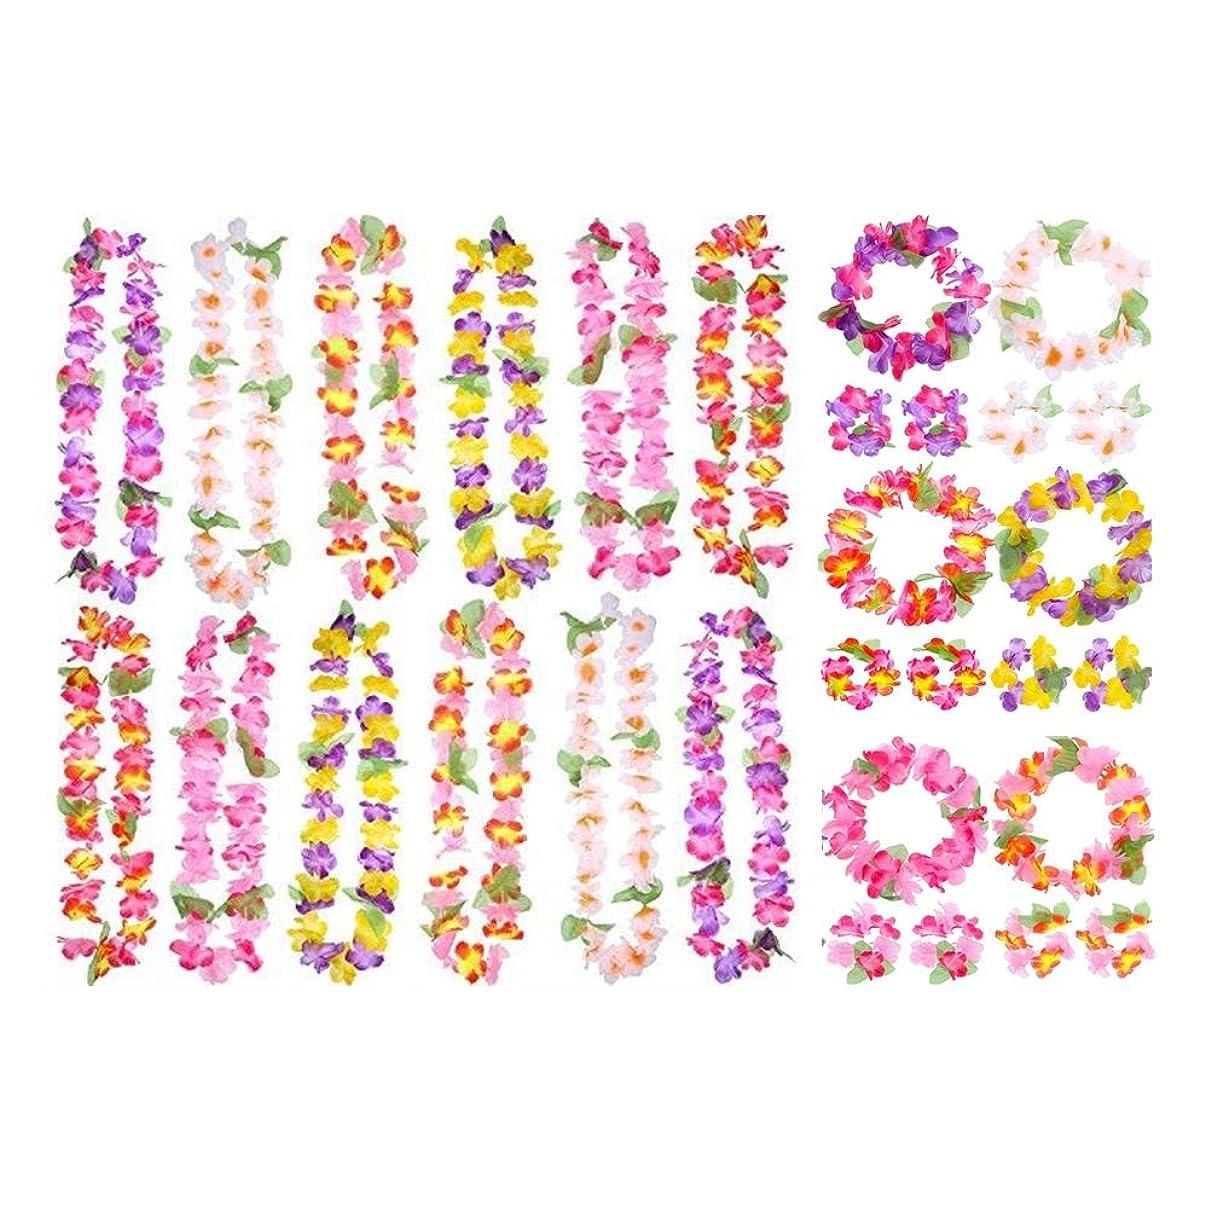 苦い霊冒険家花冠 ヘア花輪 ハワイ 衣装アクセサリー ガーランド ビーチフラ パーティー用 ハワイアンガーランドセット